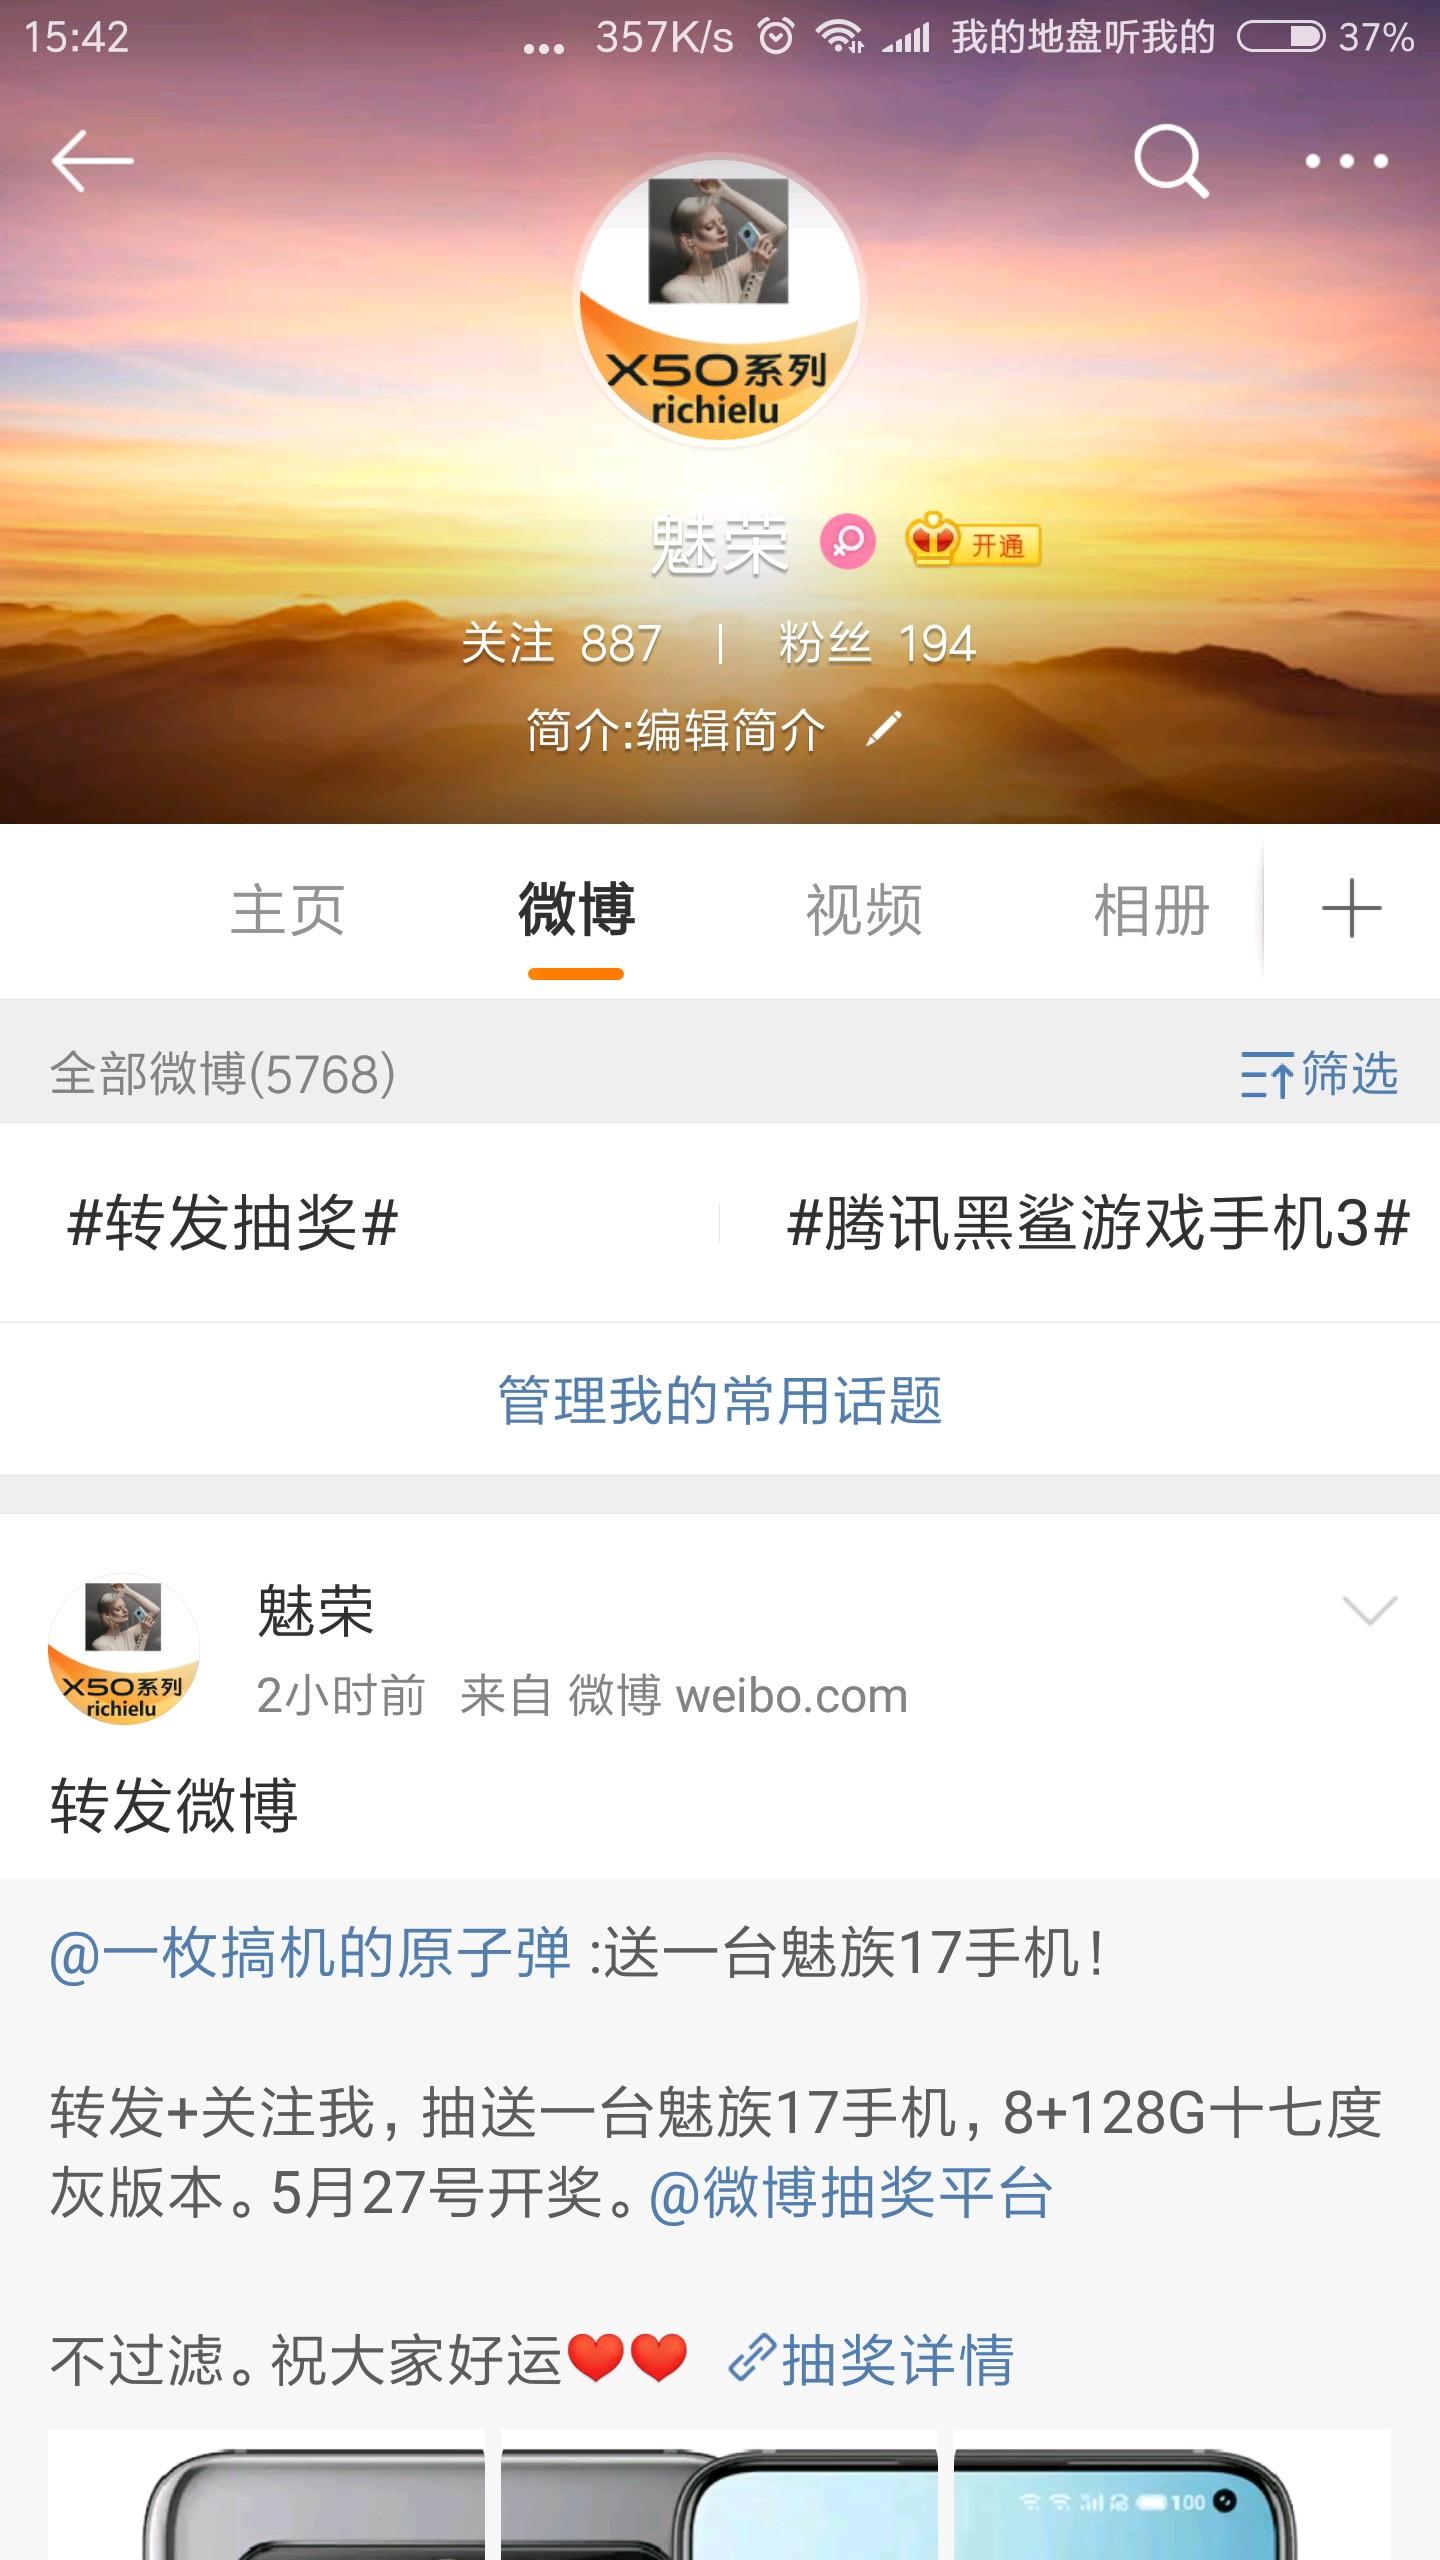 Screenshot_2020-05-25-15-42-39-732_com.sina.weibo.png